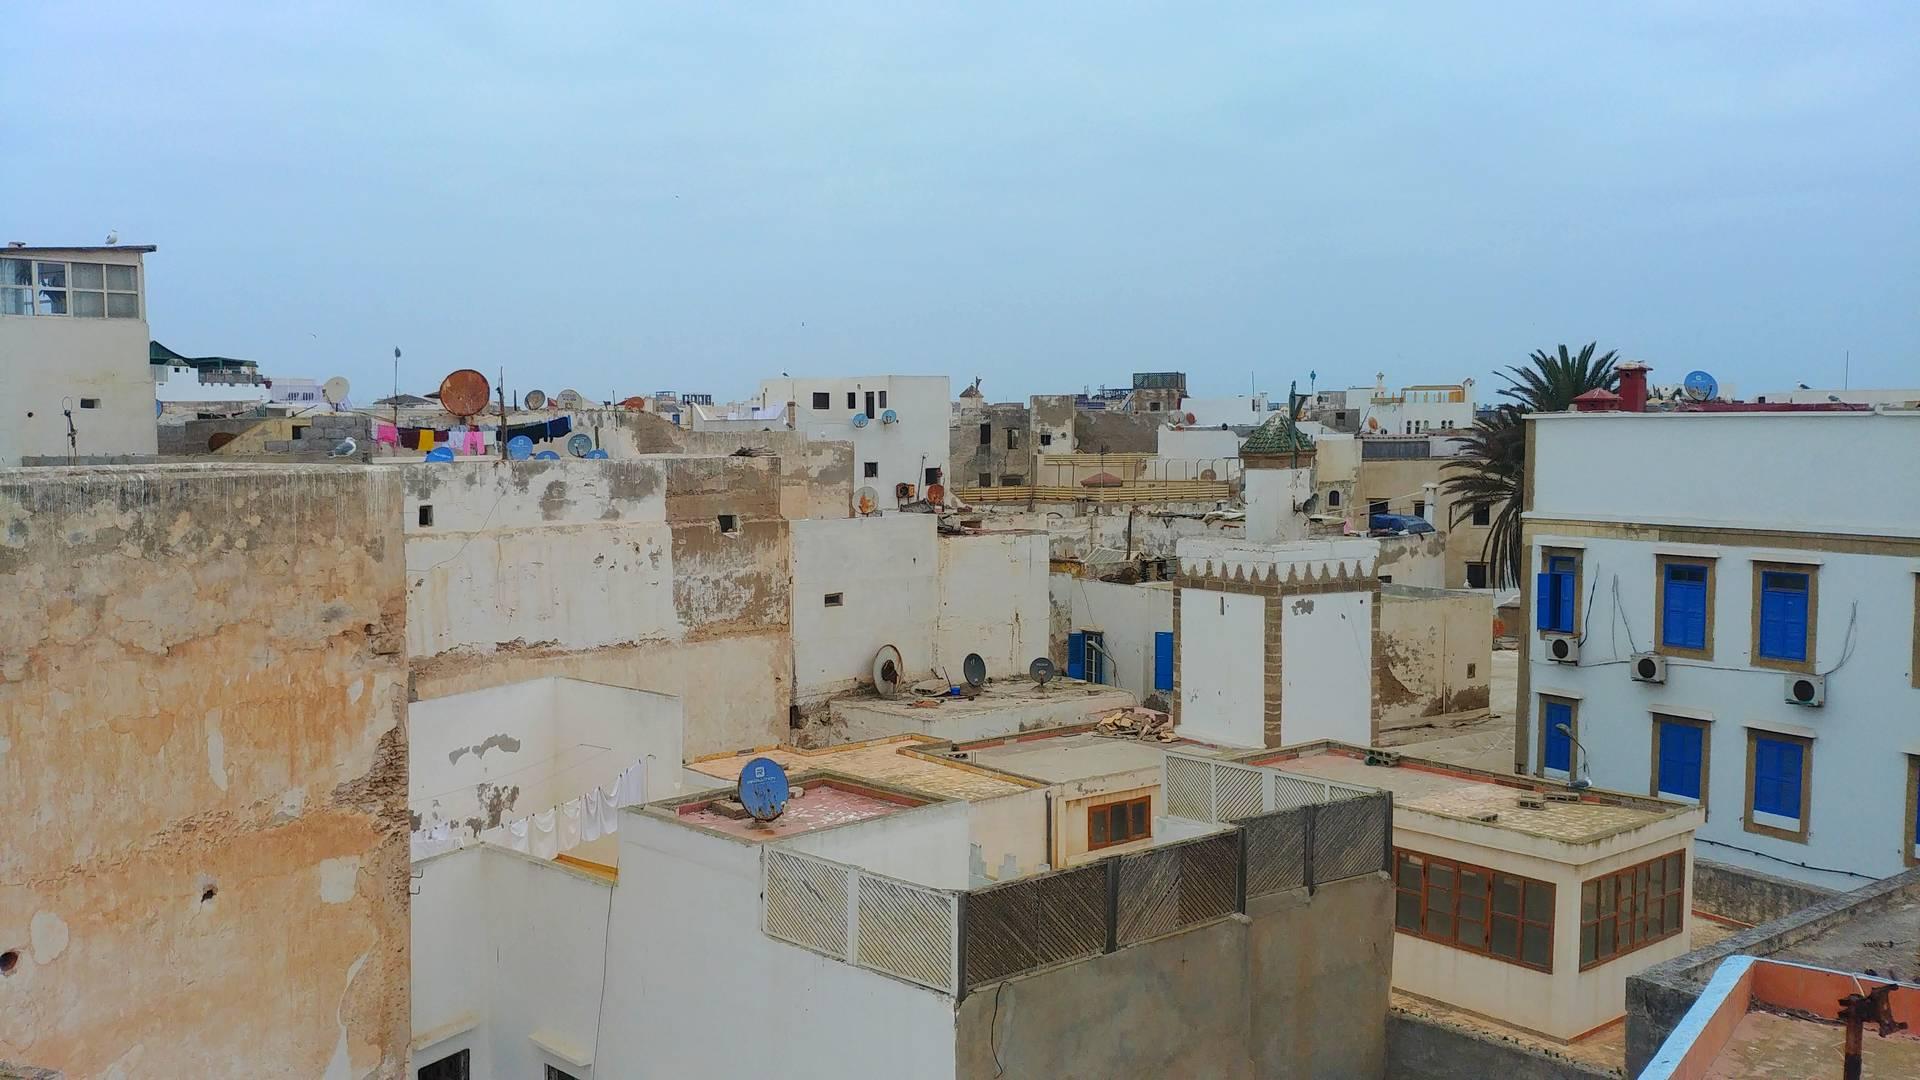 Maroc - Medina d'Essaouira